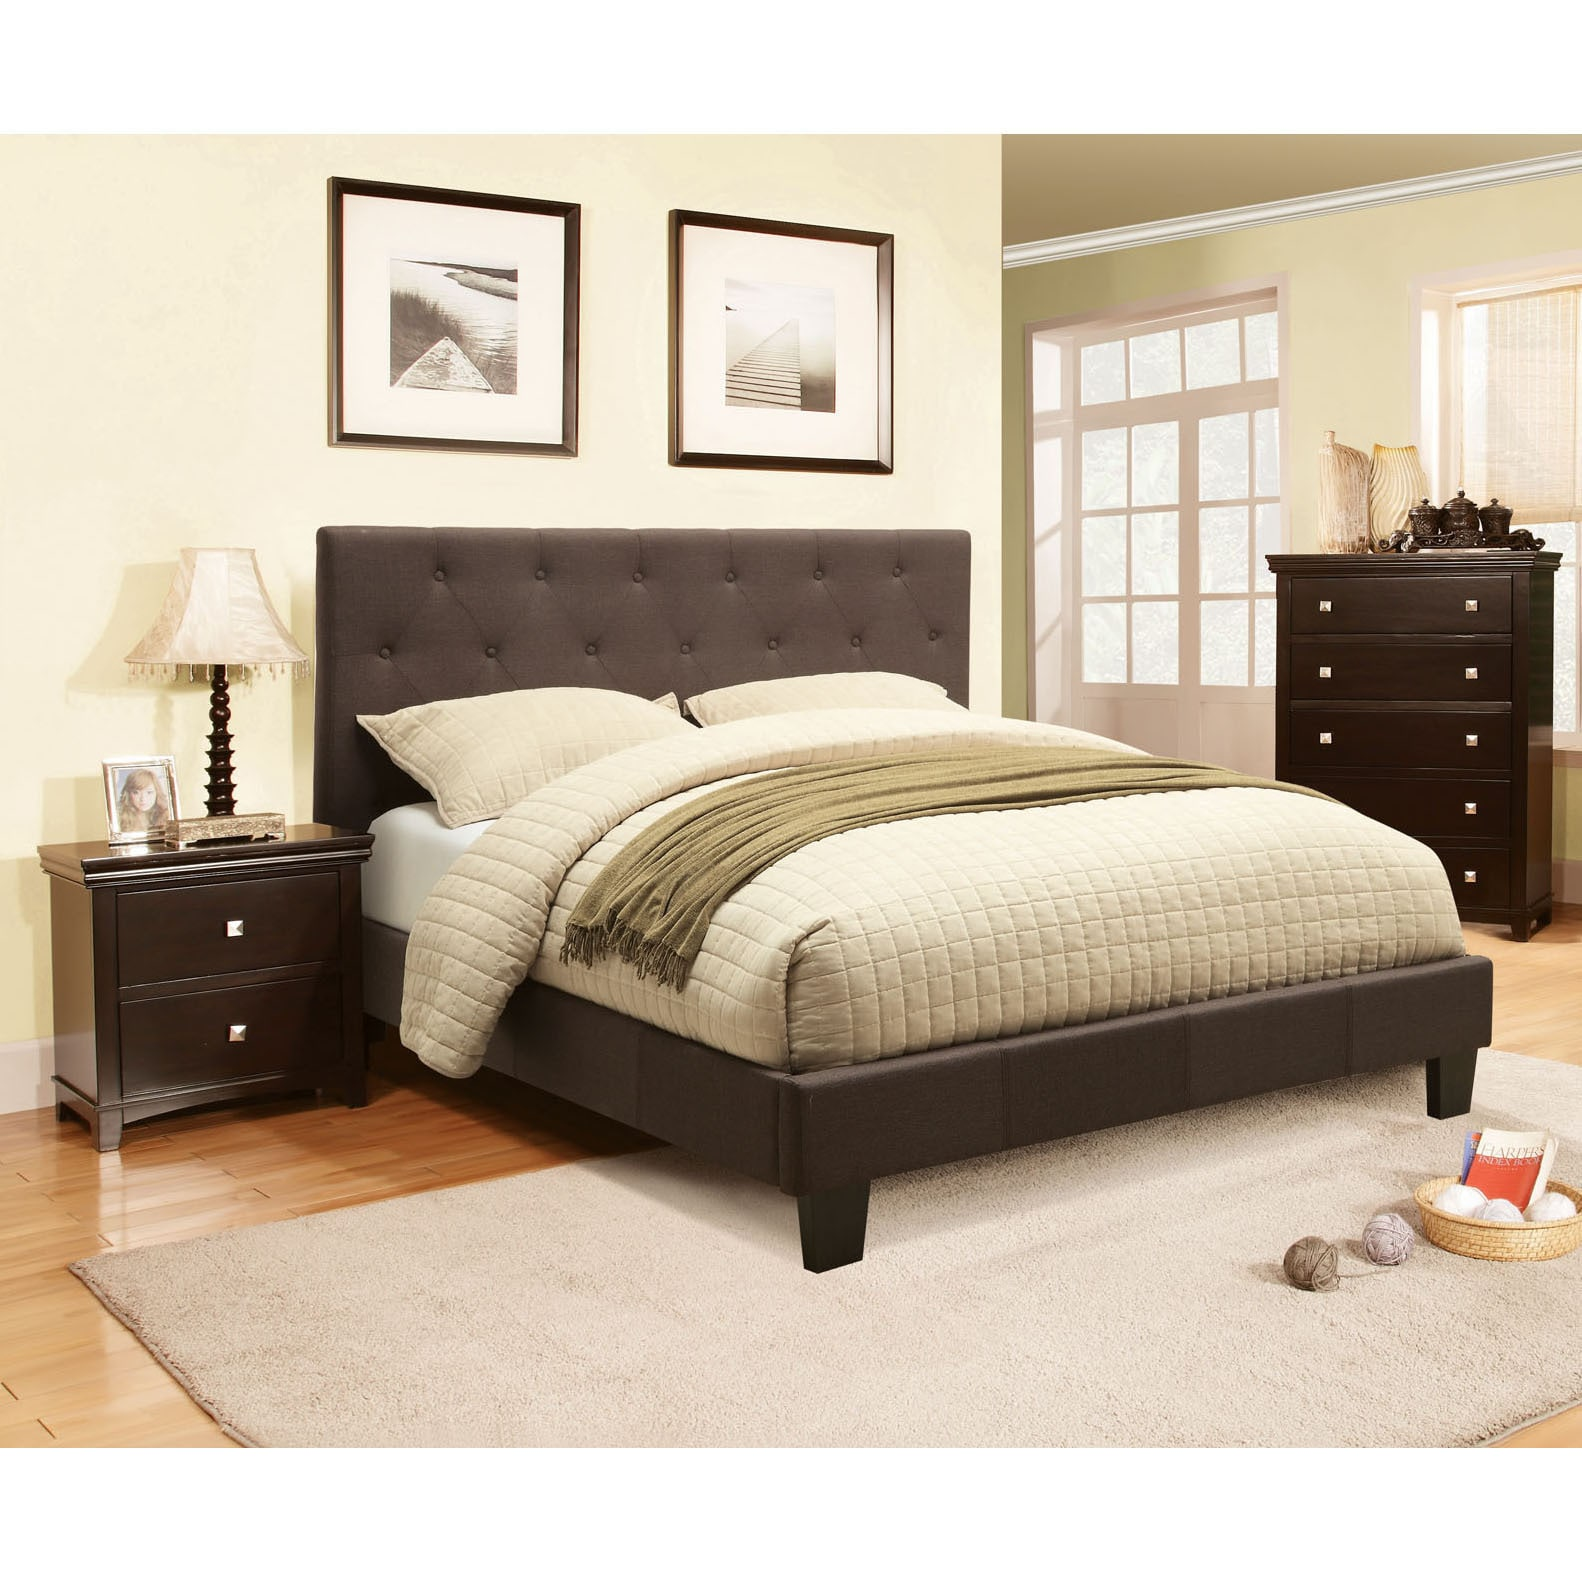 Furniture Of America Perdella Contemporary Grey Low Profile